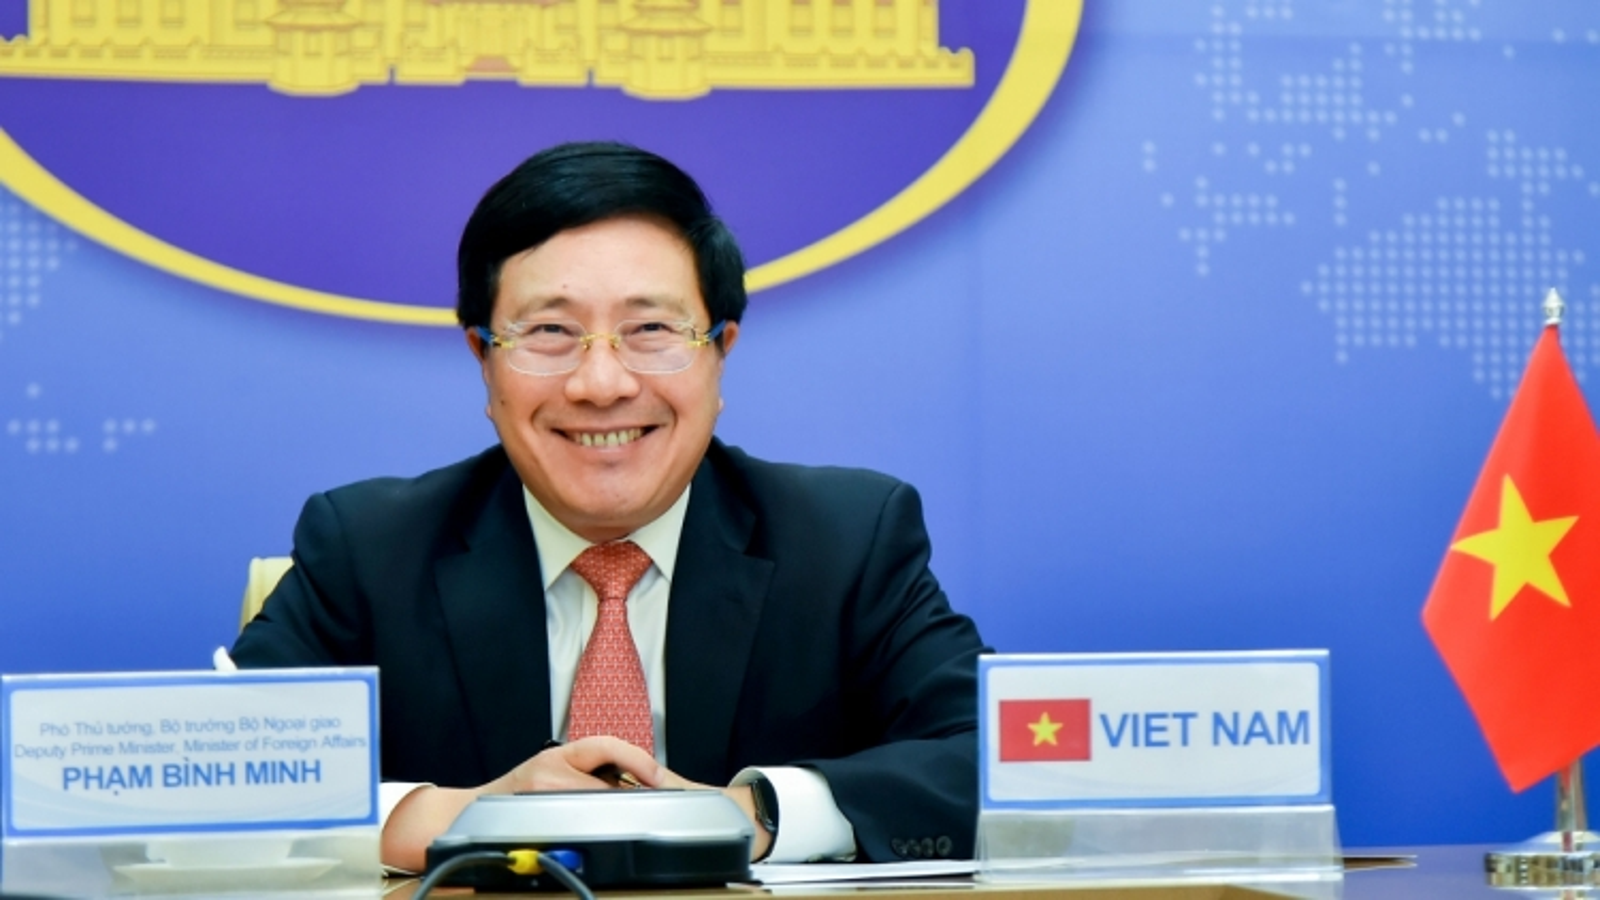 Phó Thủ tướng Phạm Bình Minh: Cộng đồng quốc tế cần tiếp tục đoàn kết chống dịch Covid 19